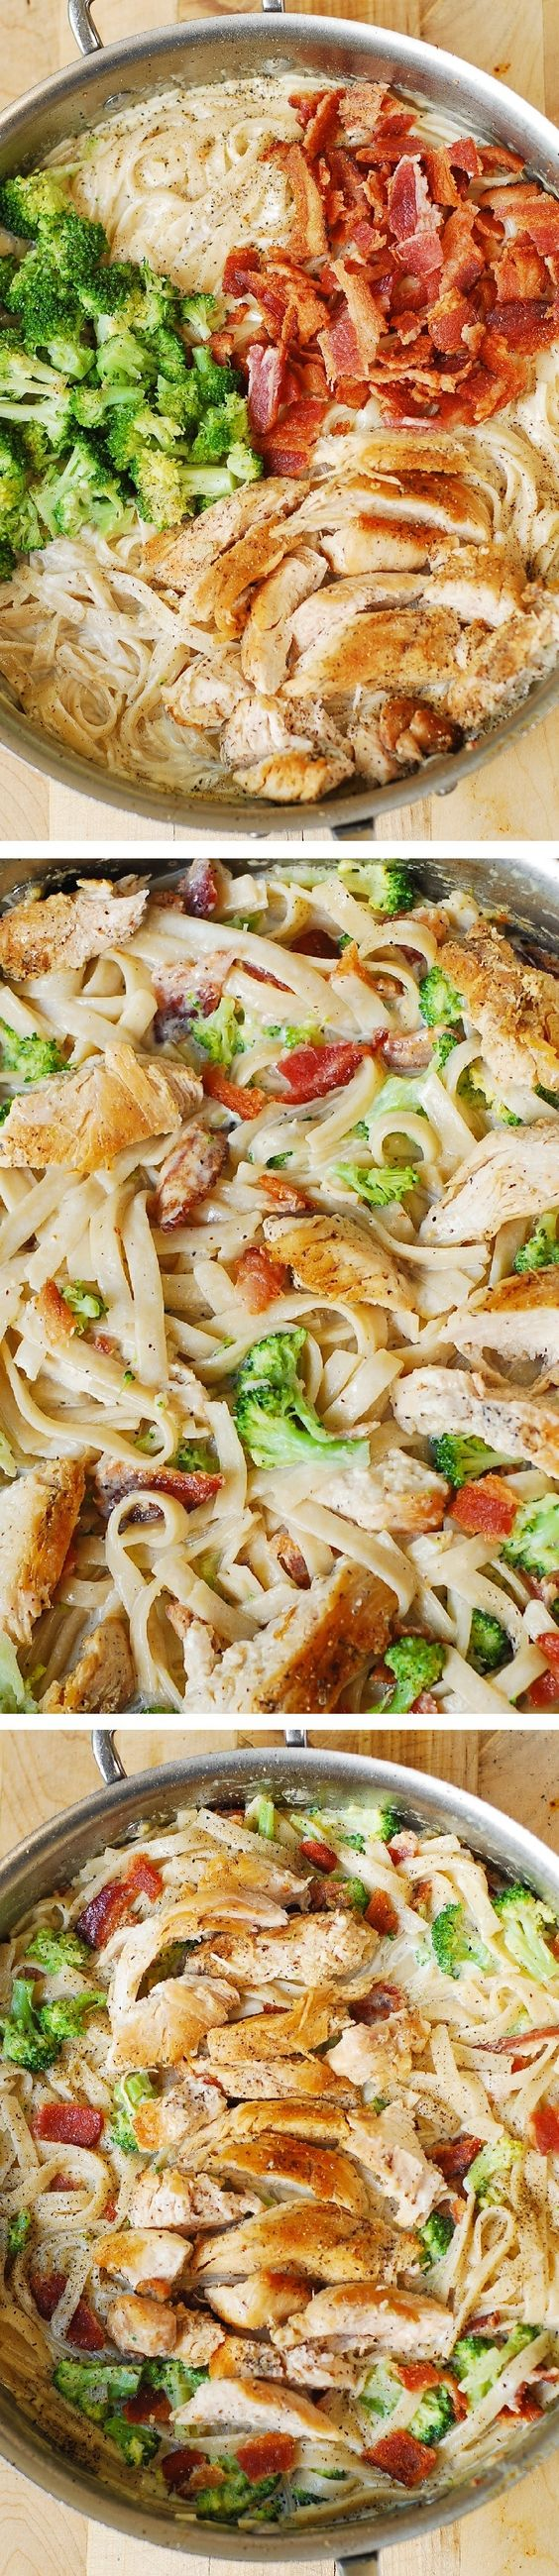 Creamy Broccoli, Chicken Breast, and Bacon Fettuccine Pasta in homemade Alfredo sauce. Easy, delicious pasta dinner!: